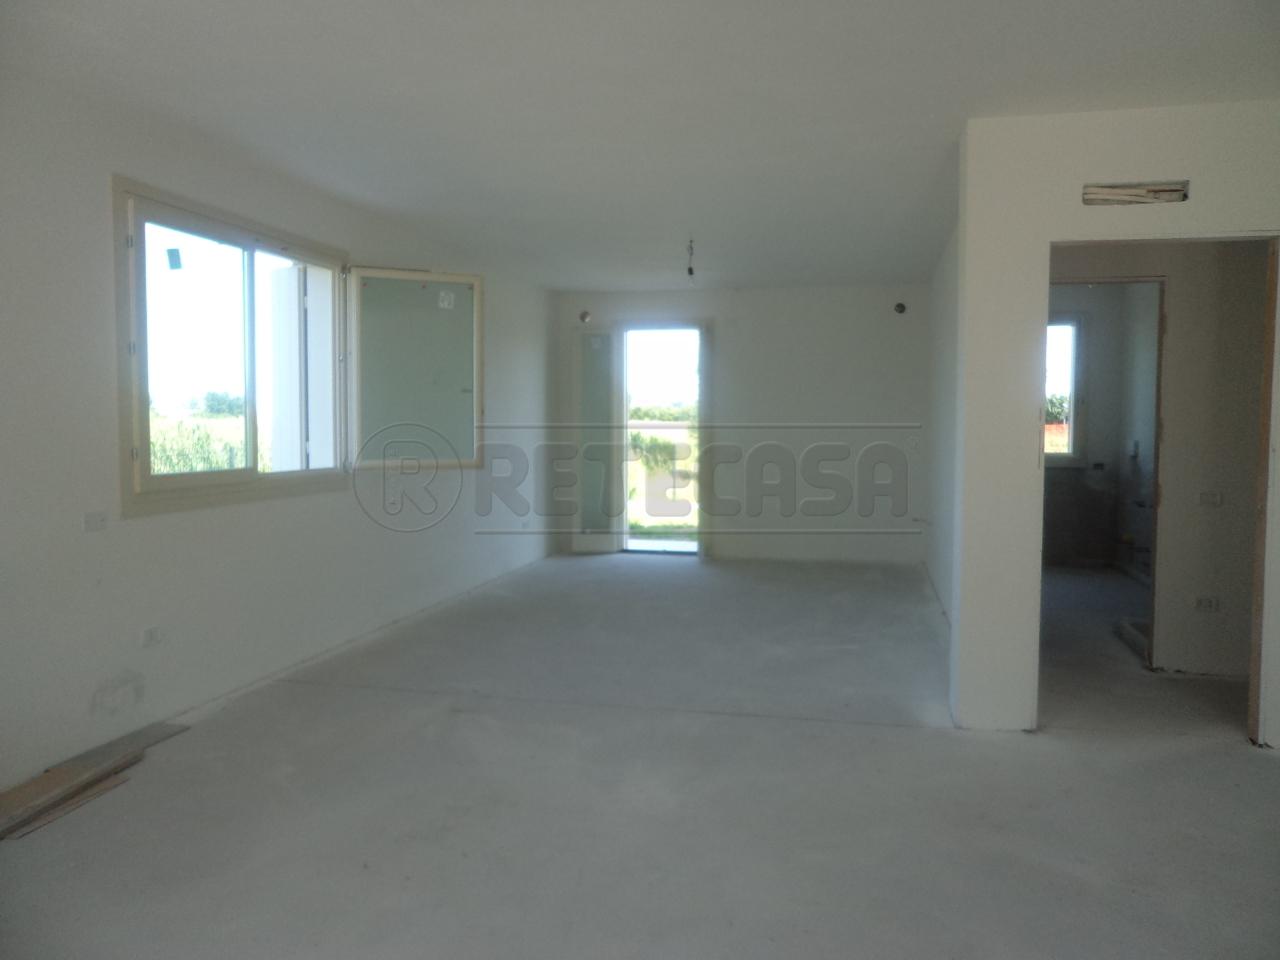 Soluzione Semindipendente in vendita a Loreggia, 9999 locali, prezzo € 190.000 | Cambio Casa.it